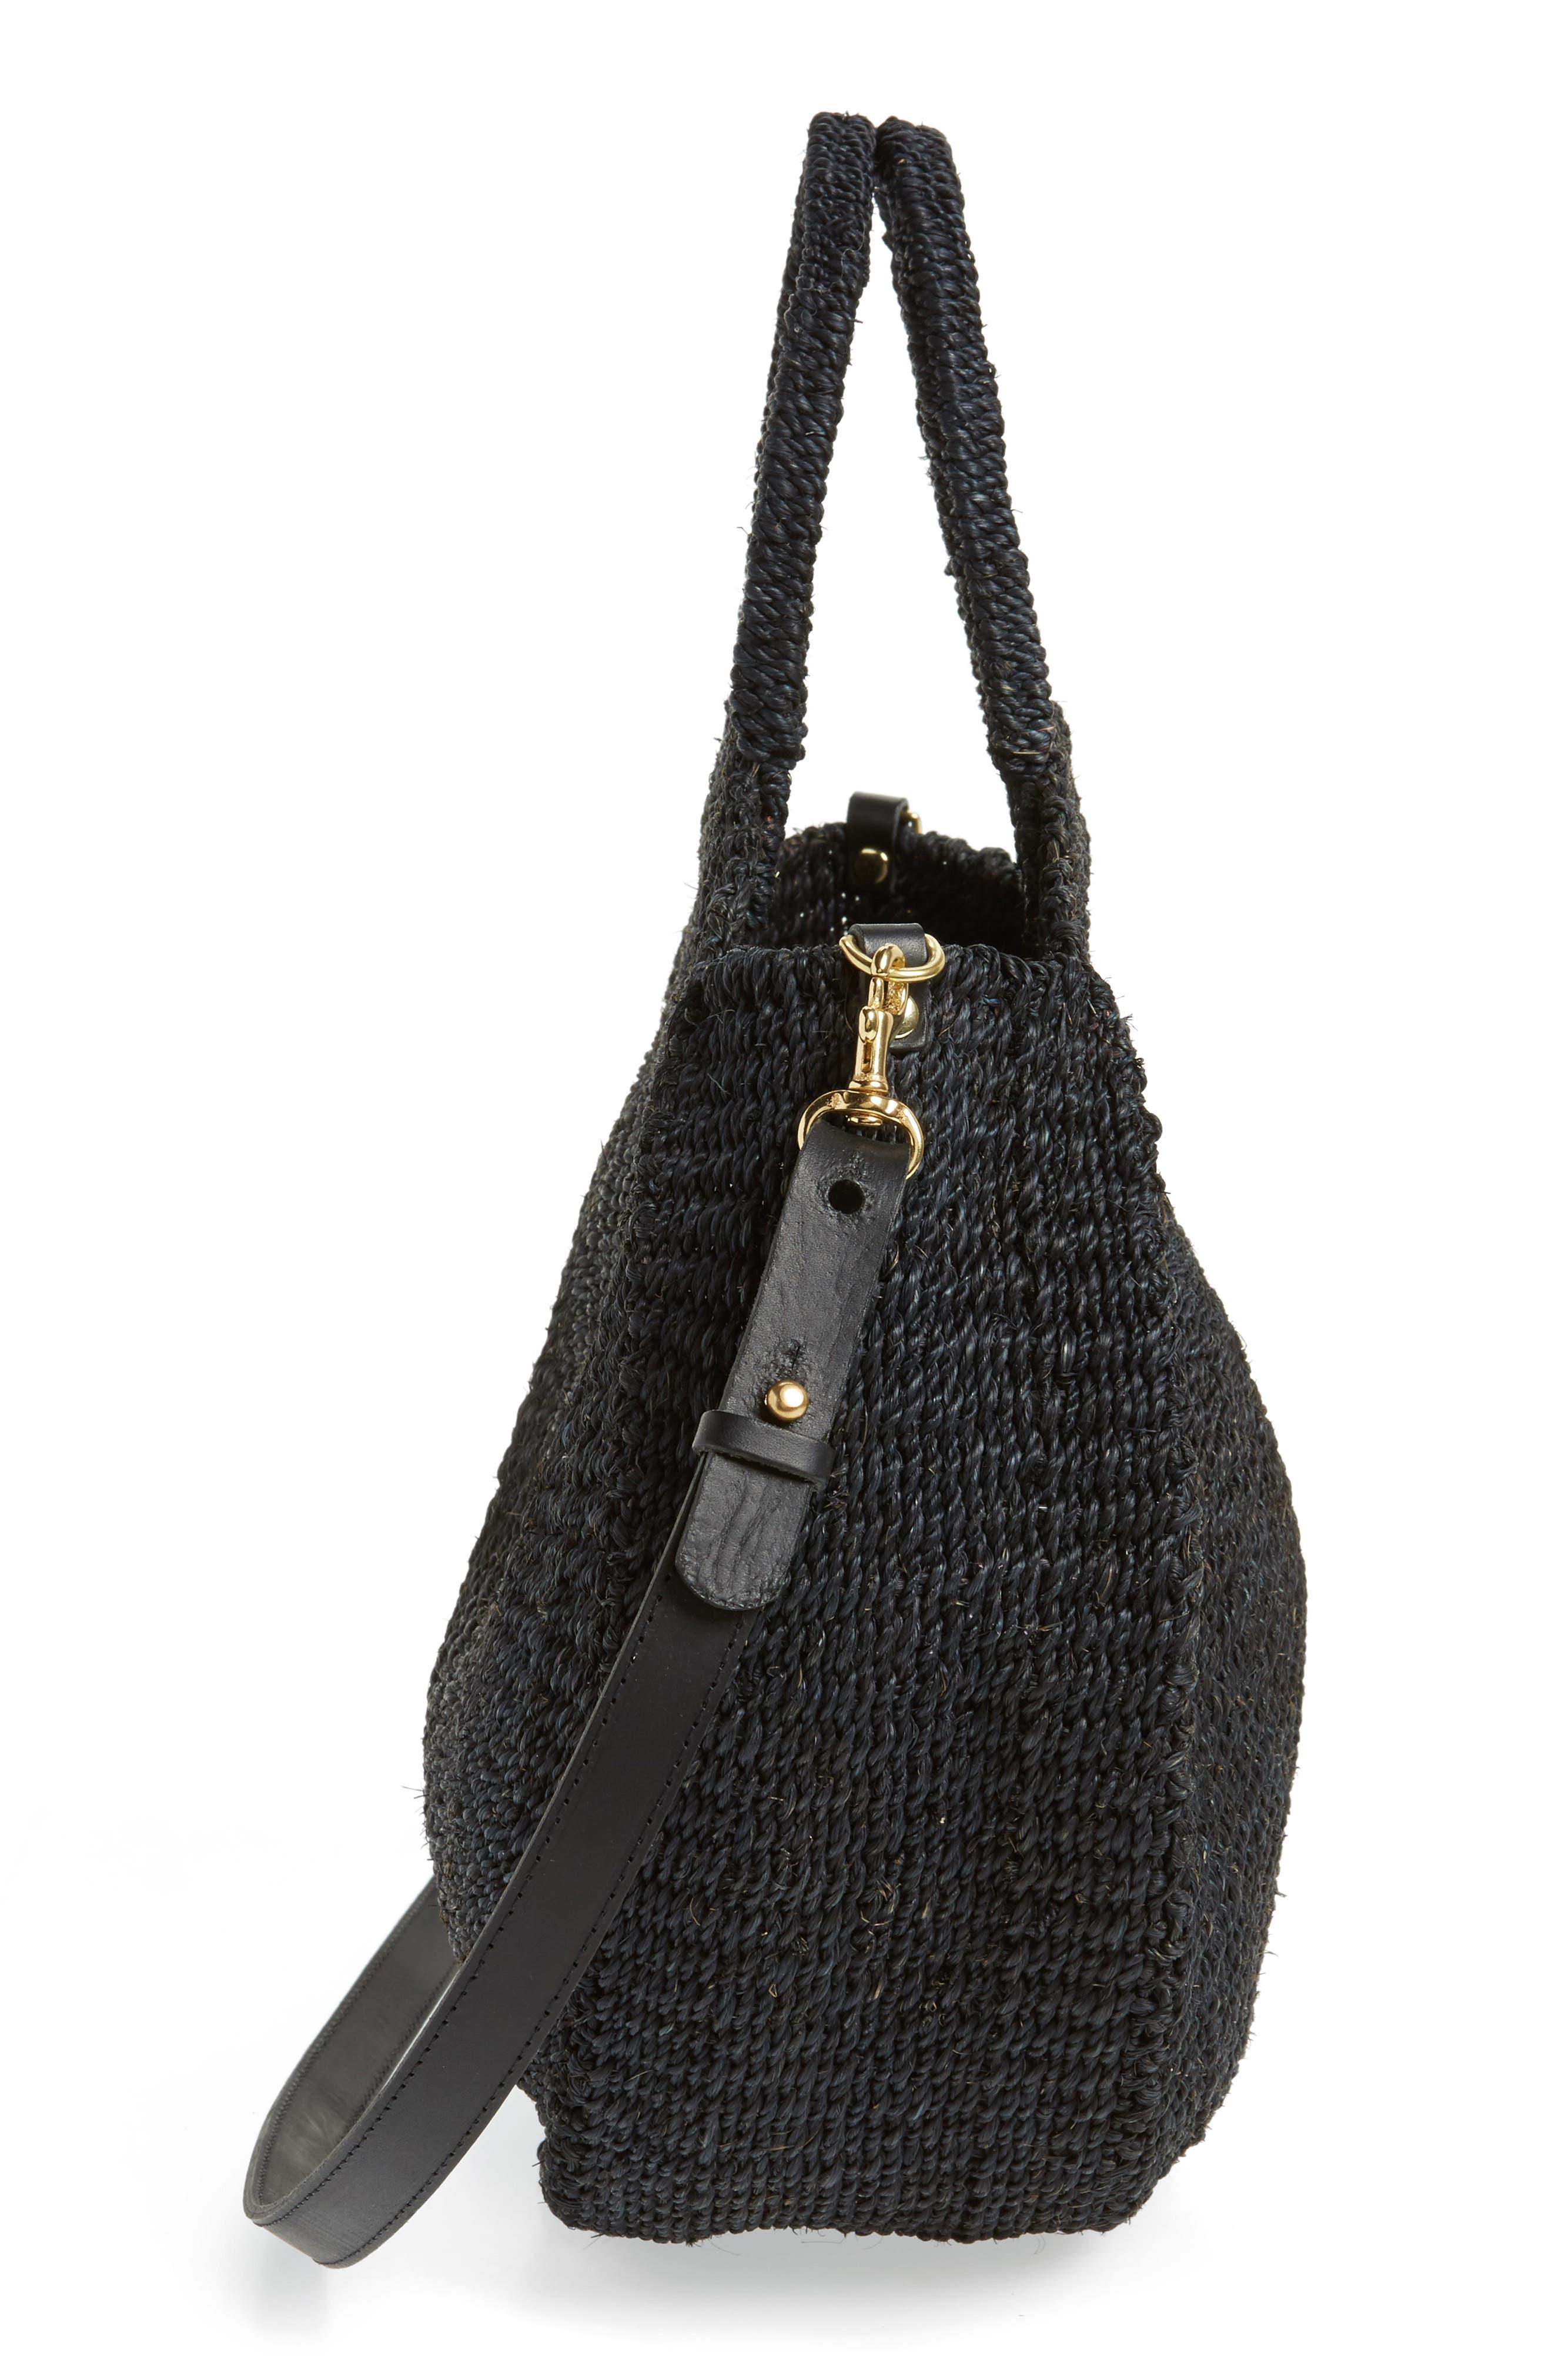 Alice Woven Sisal Straw Bag,                             Alternate thumbnail 5, color,                             BLACK WOVEN